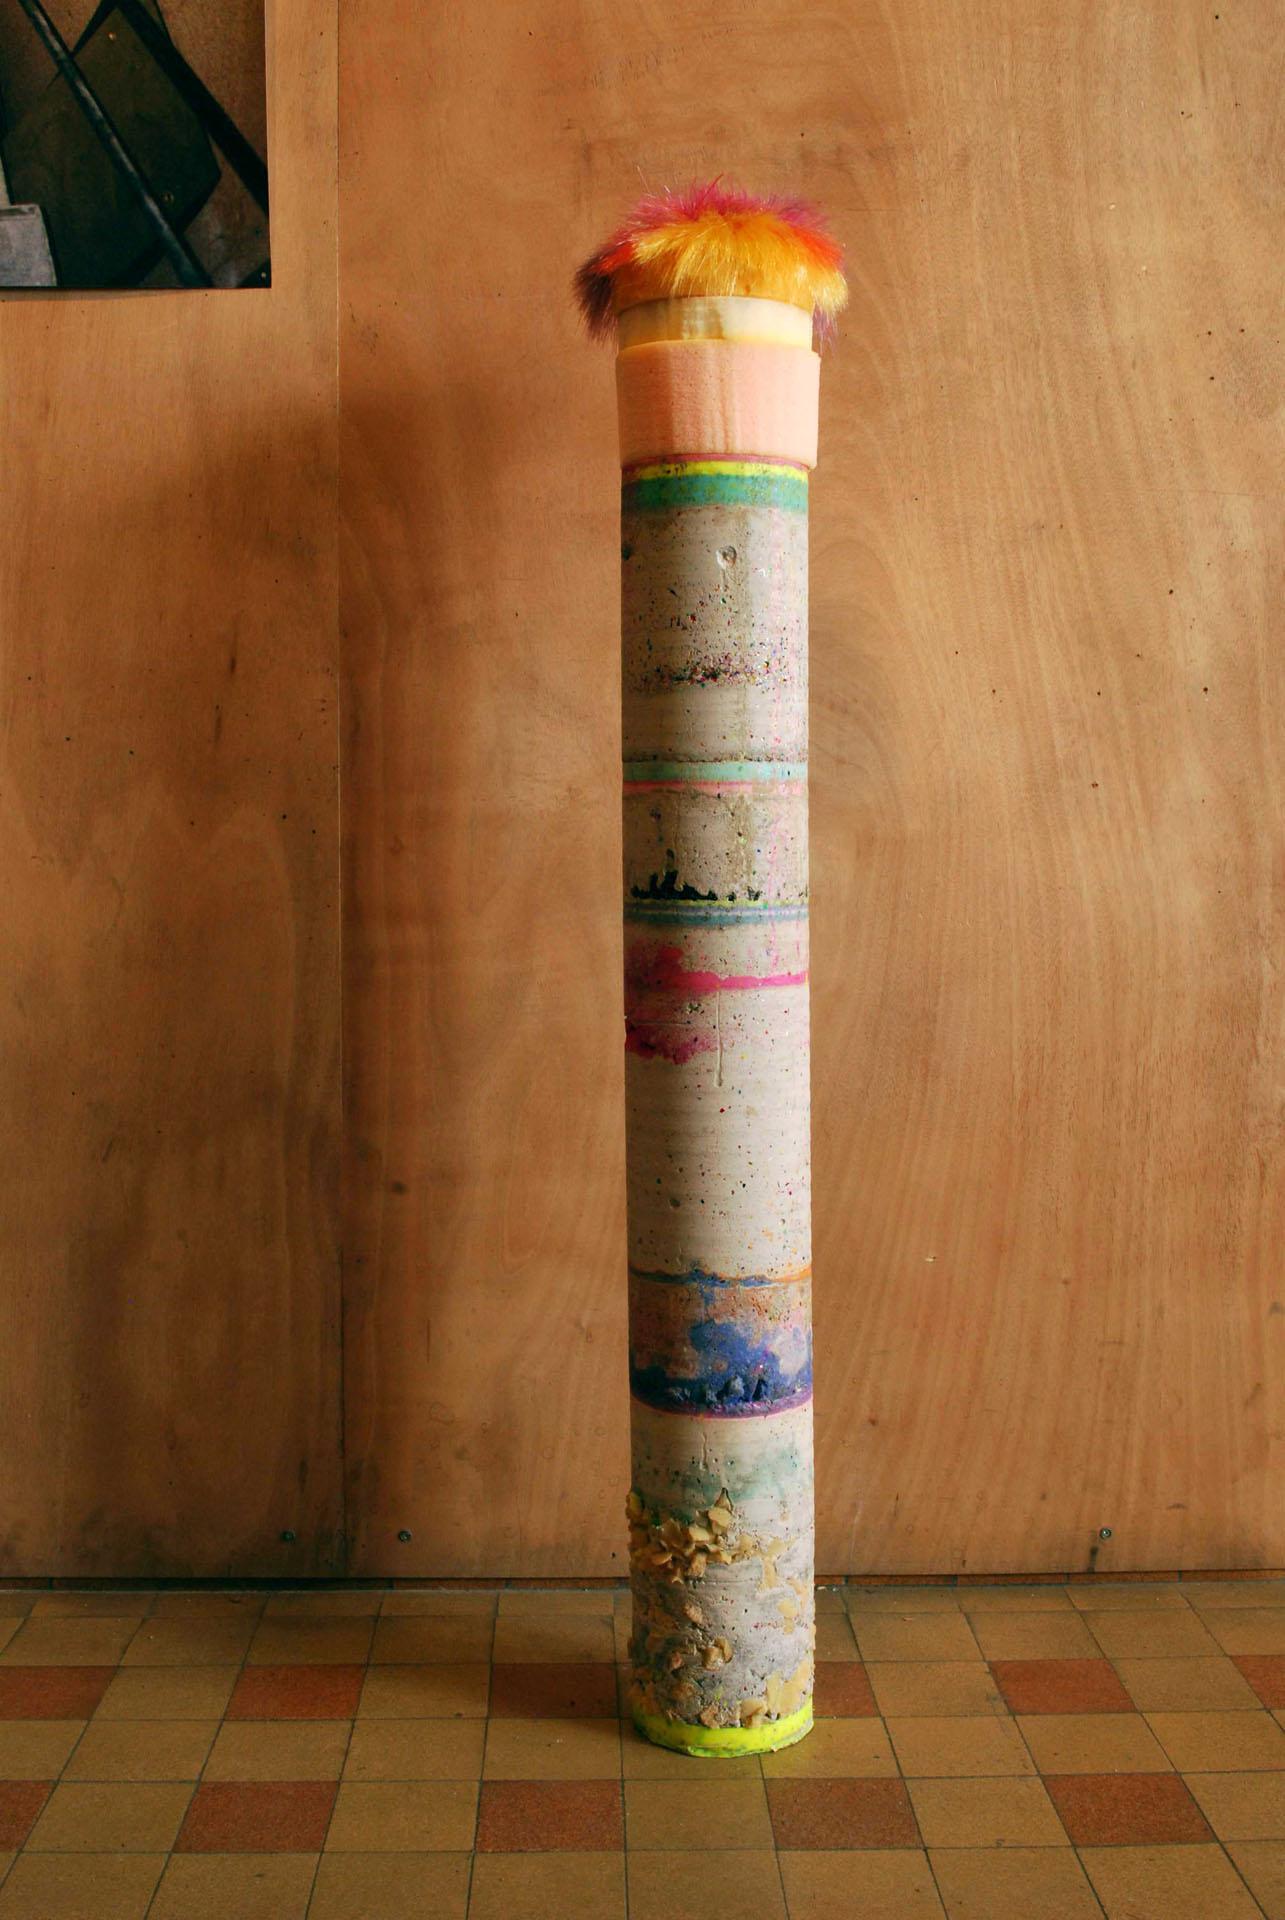 Gwendoline Perrigueux, 2014 - 110 cm x 14 cm x 14 cm - Béton, résine, mousse, paillettes, fils synthétiques.